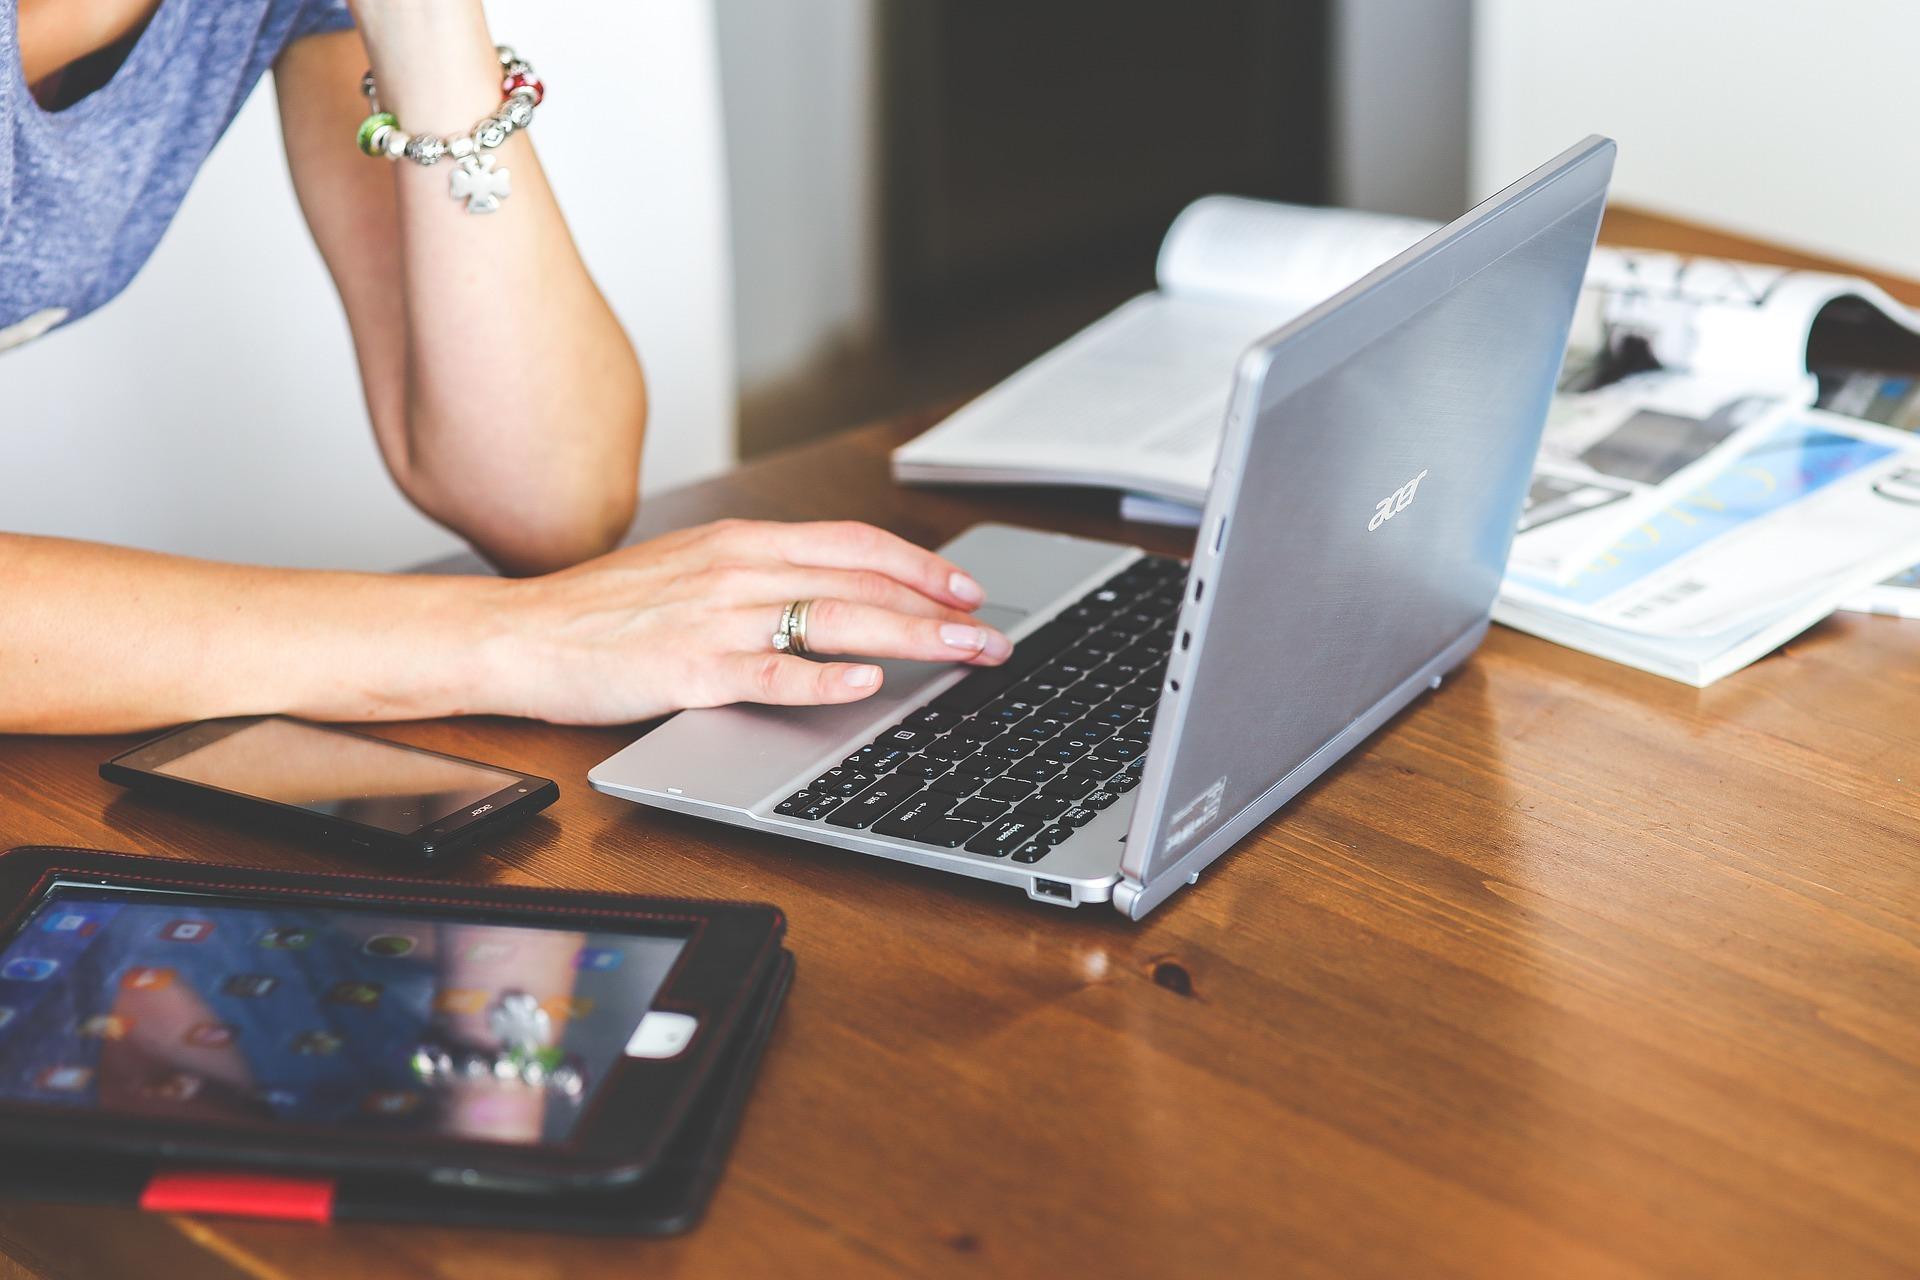 Una mujer se encuentra utilizando el ordenar portátil junto a un teléfono móvil y una tablet.